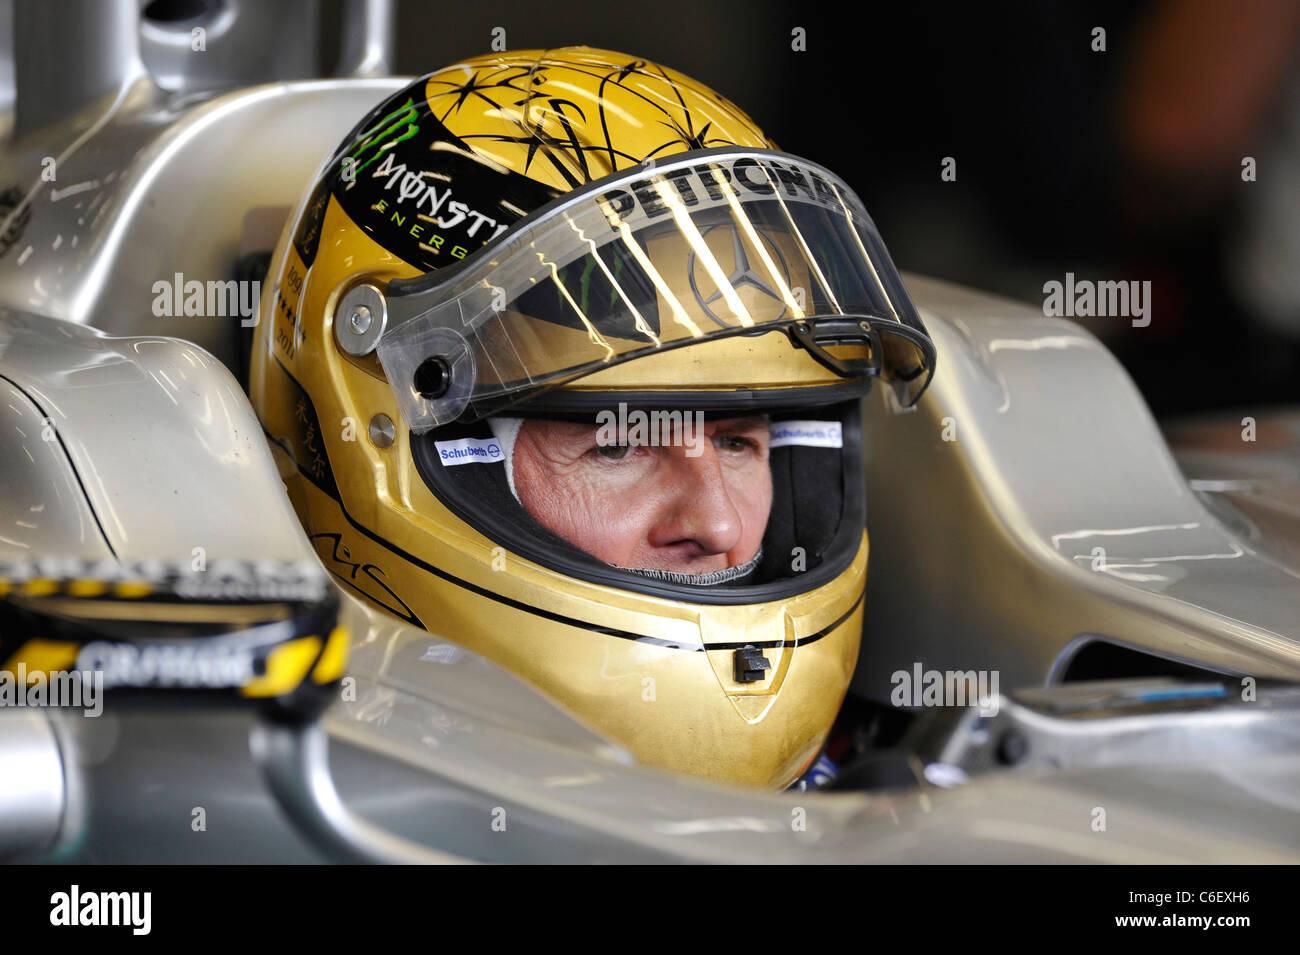 Michael Schumacher Ger Mercedesgp Tragen Goldene Hochzeit Helm